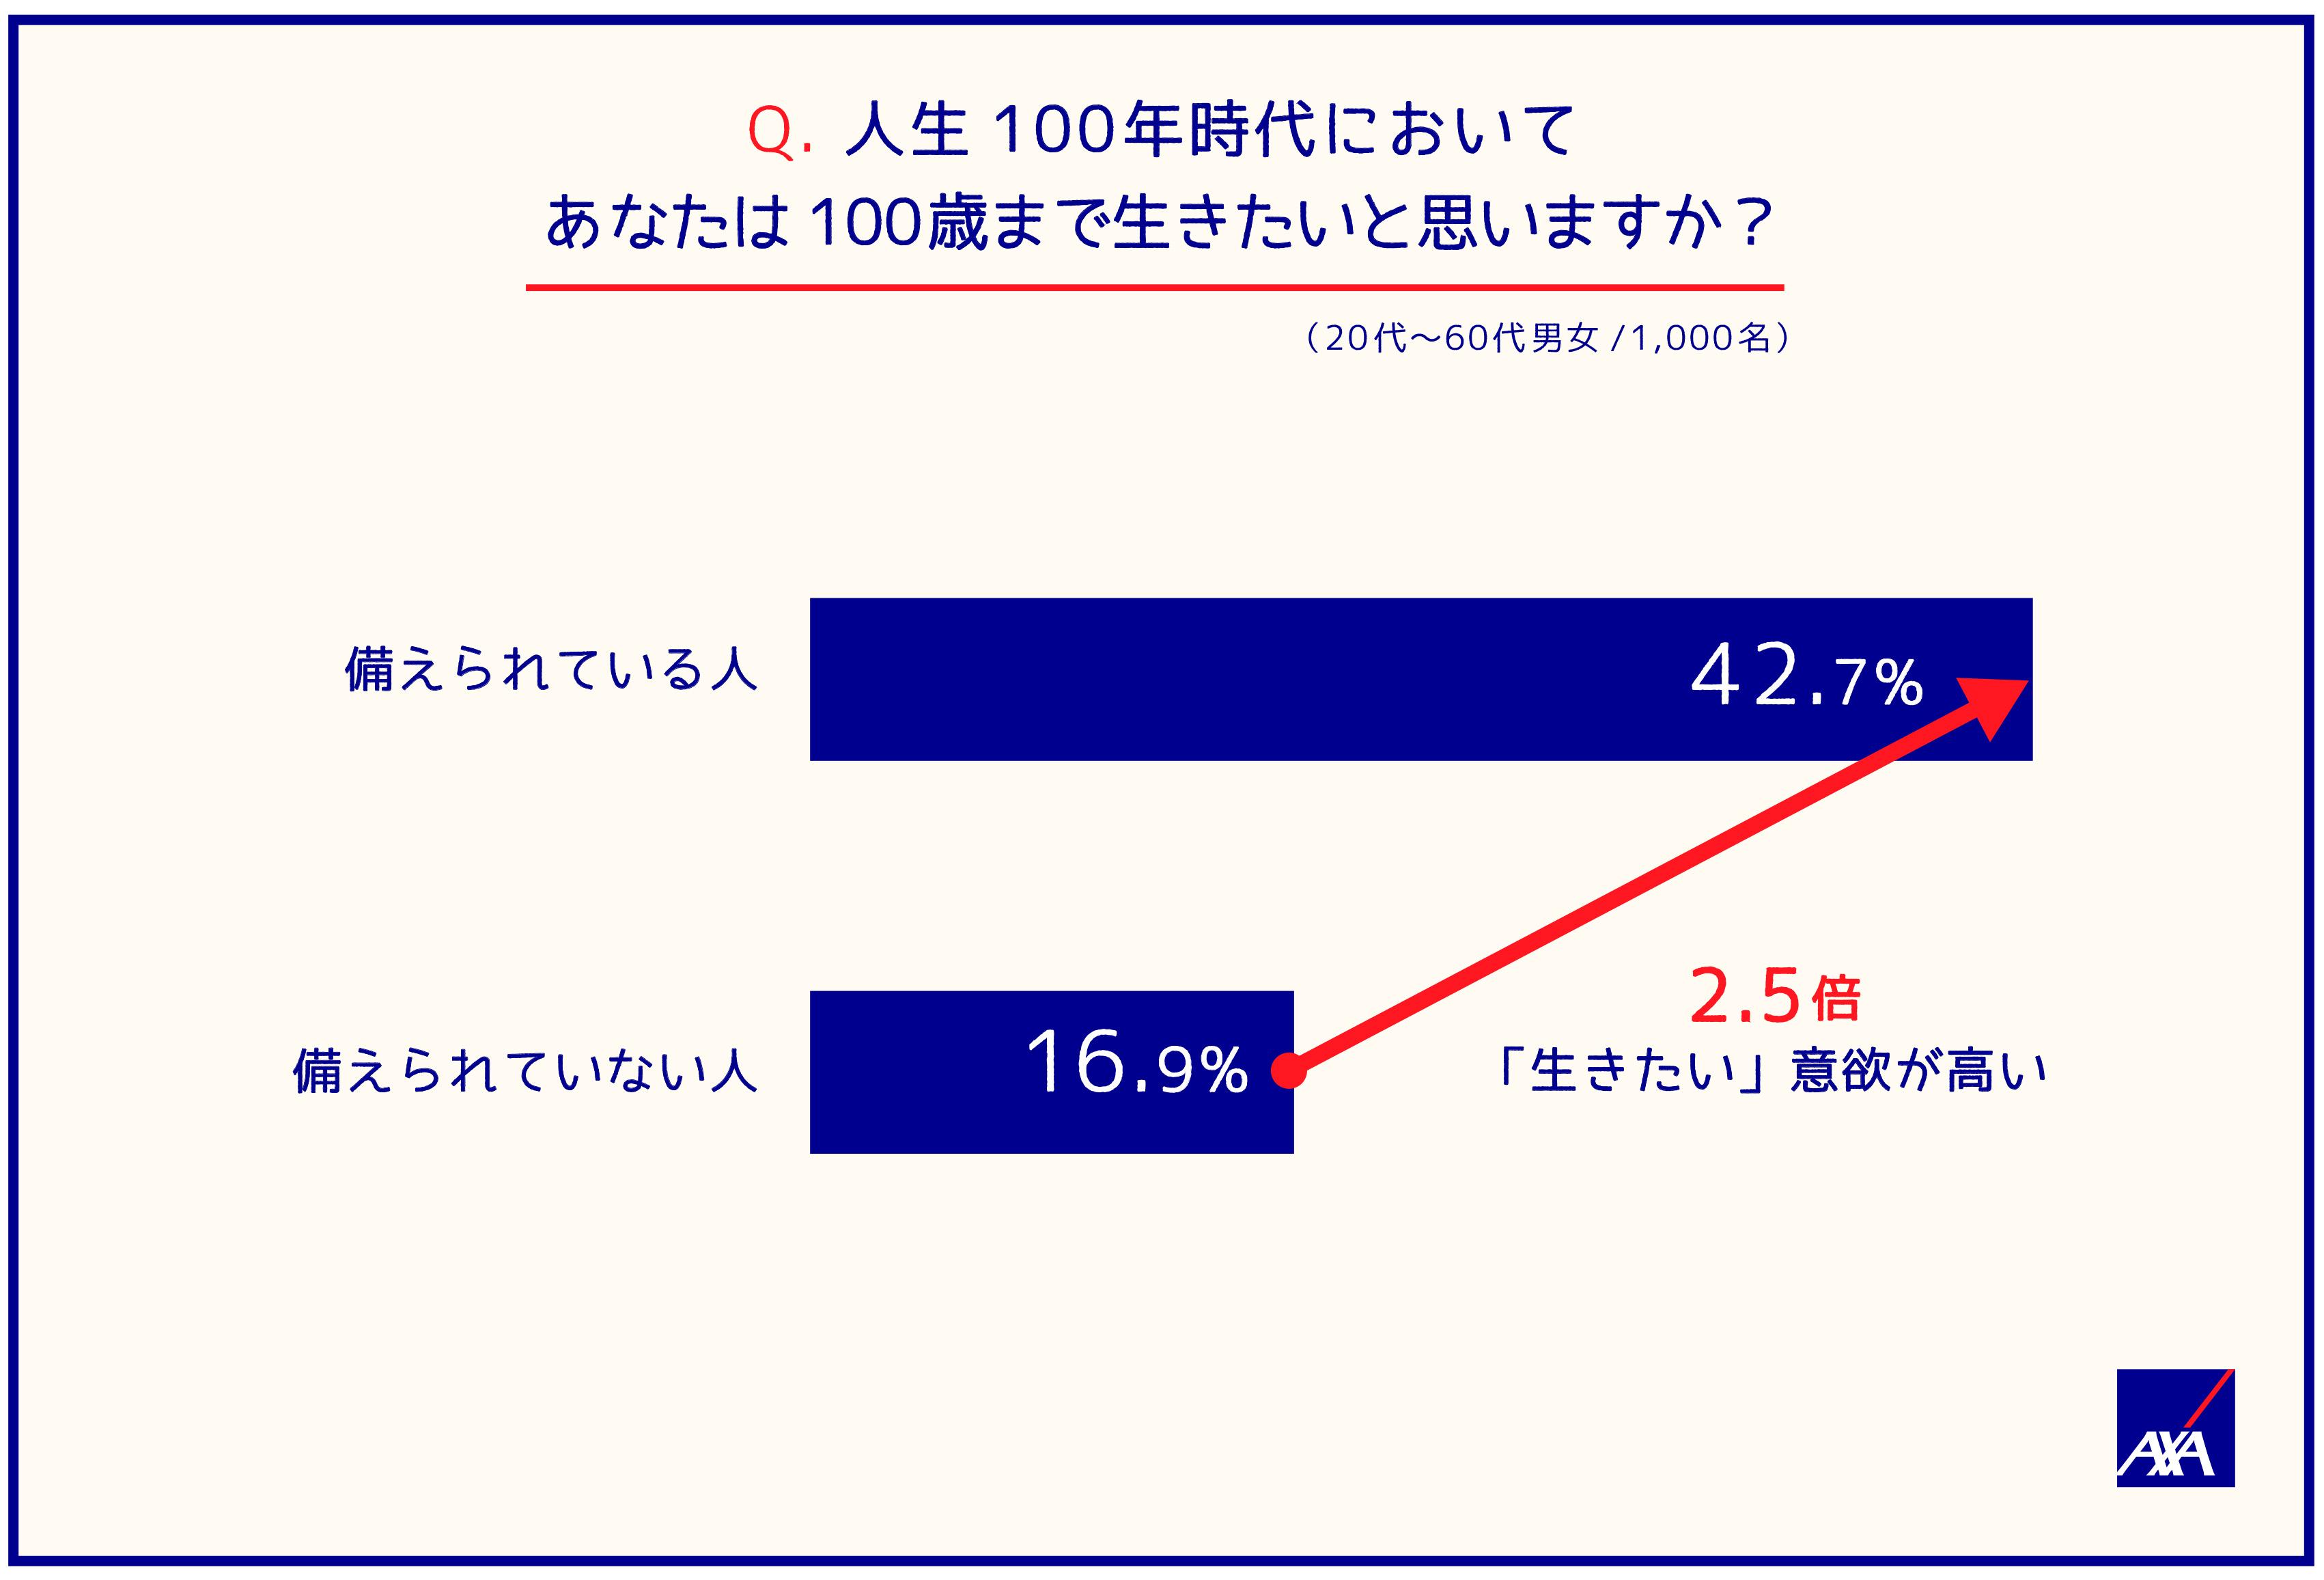 Q.人生100年時代においてあなたは100歳まで生きたいと思いますか?(20代~60代男女/1,000名) 備えられている人;42.7%(備えられていない人の2.5倍「生きたい」意欲が高い) 備えられていない人;16.9%